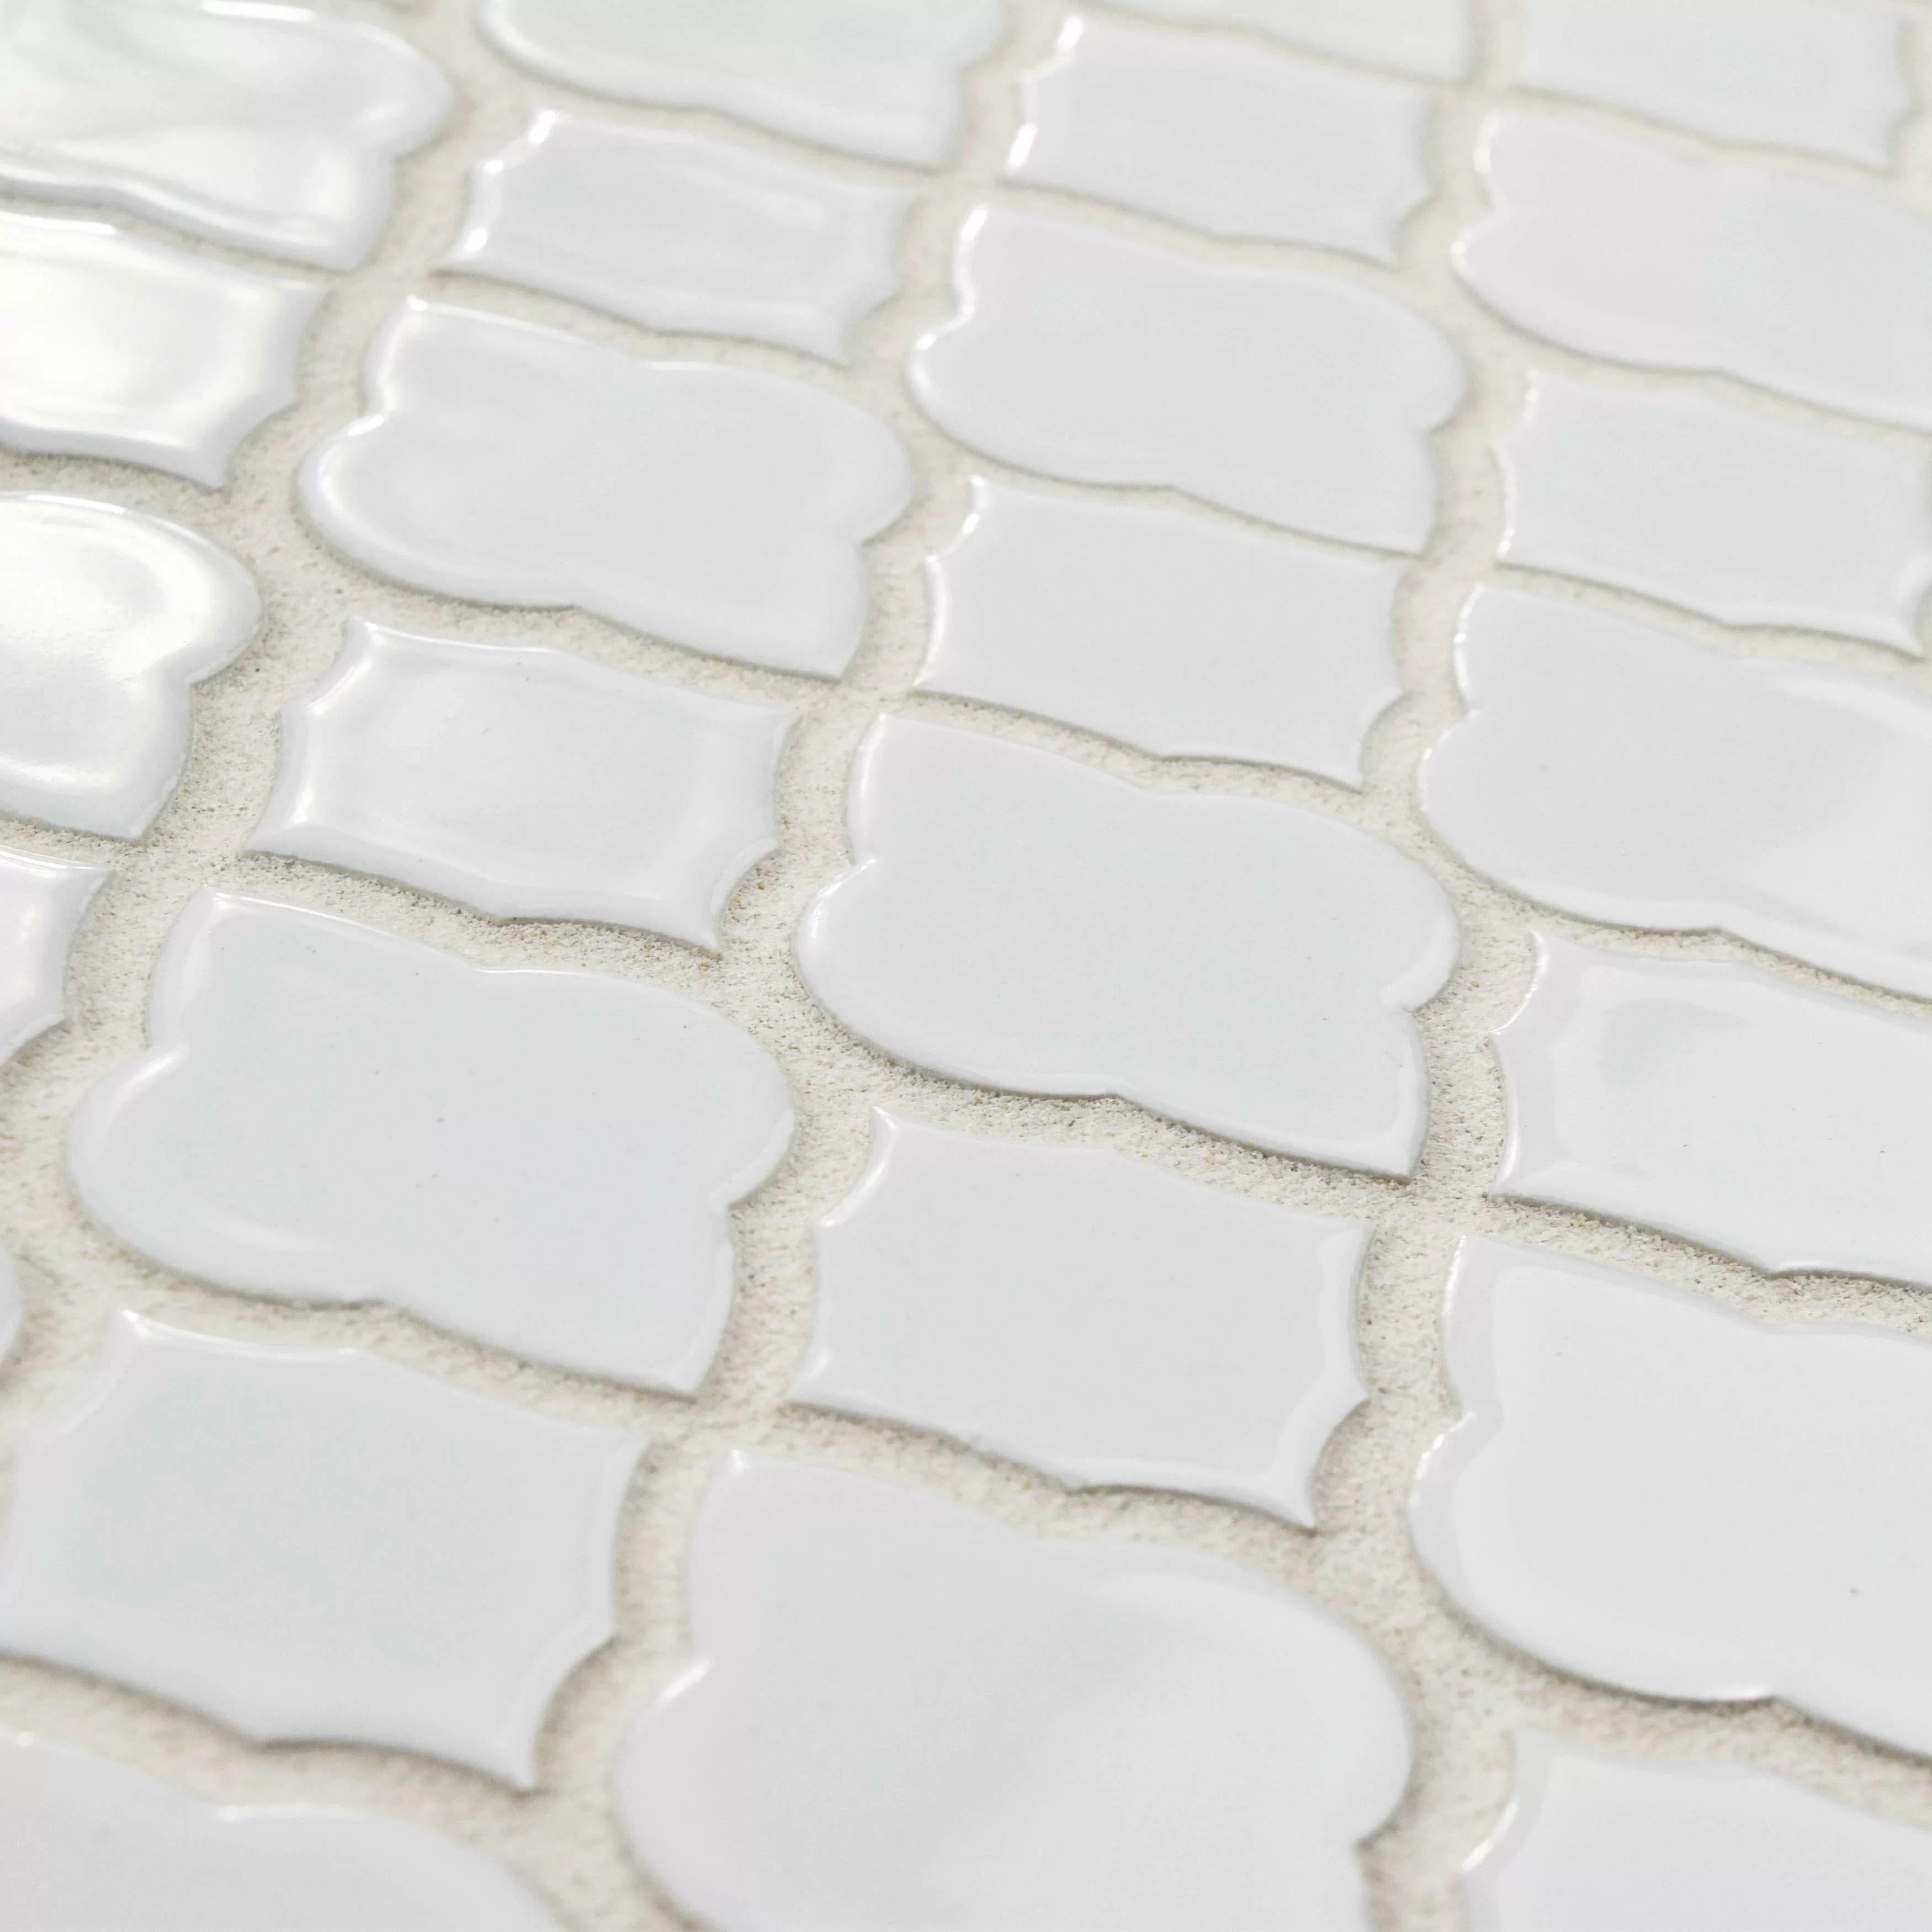 Elitetile Goulette 10 5 X 10 5 Ceramic Mosaic Floor And